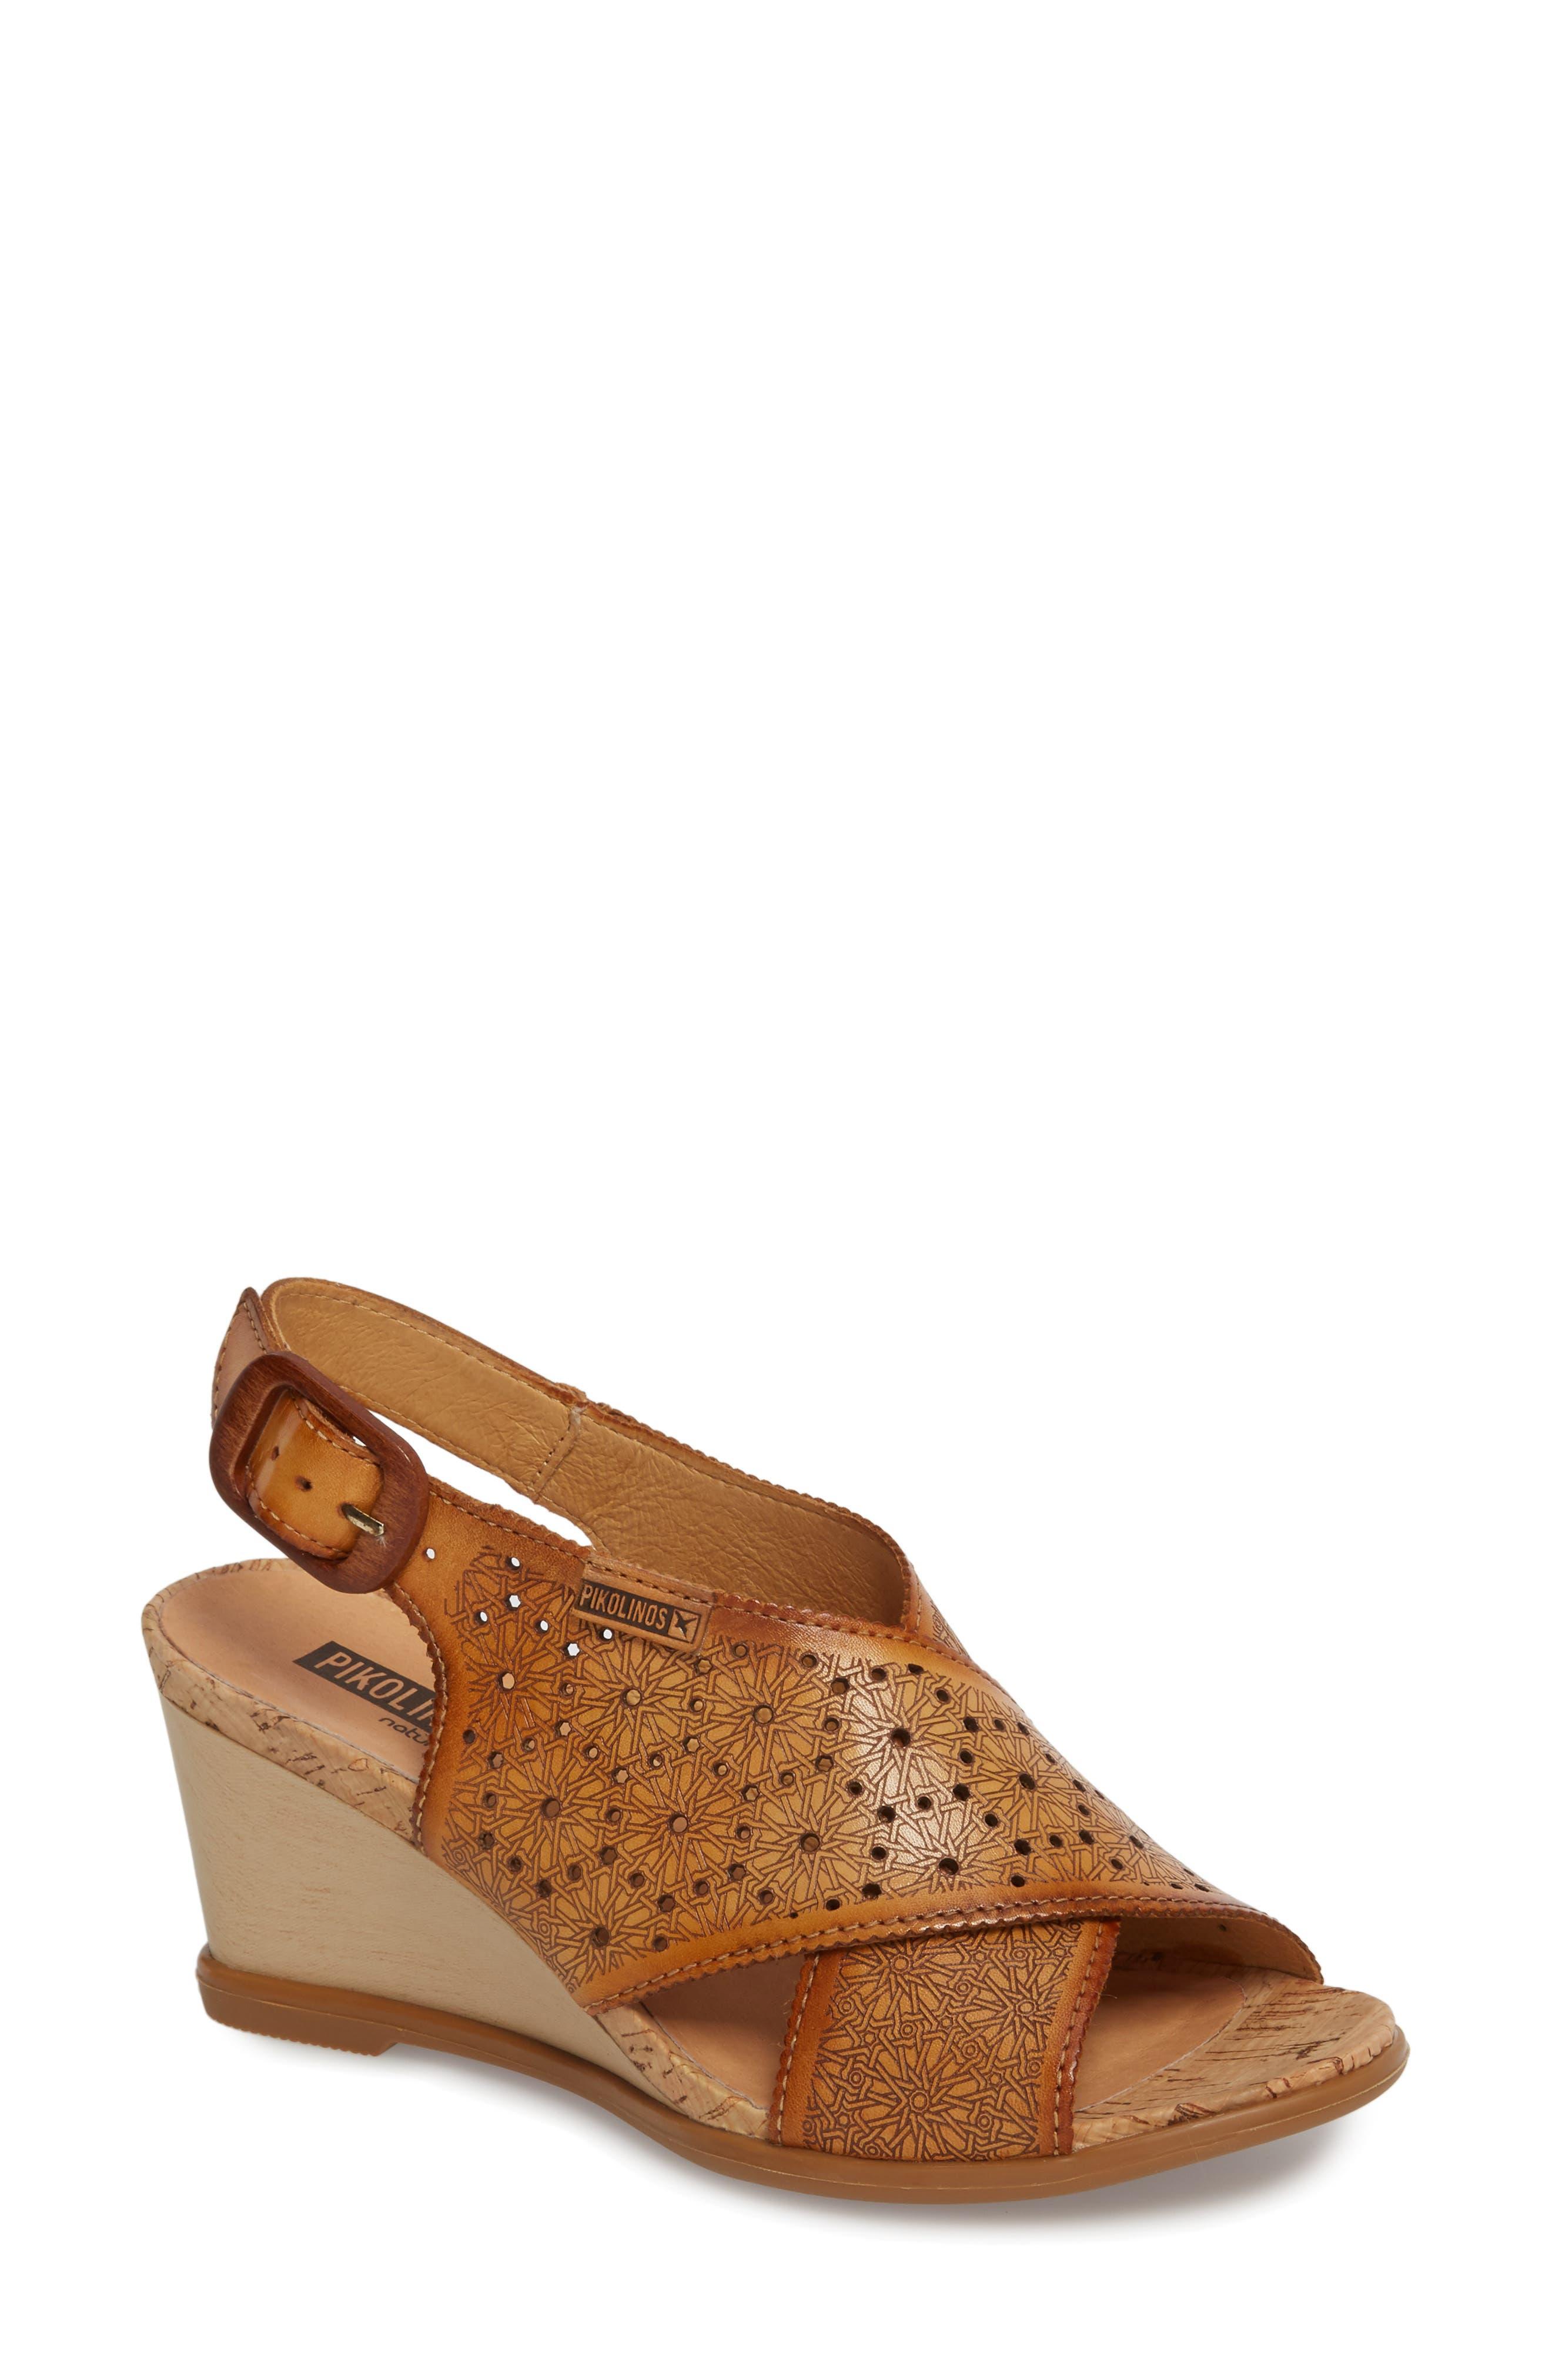 Pikolinos Women's Vigo Wedge Sandal CaIw8A1Aw